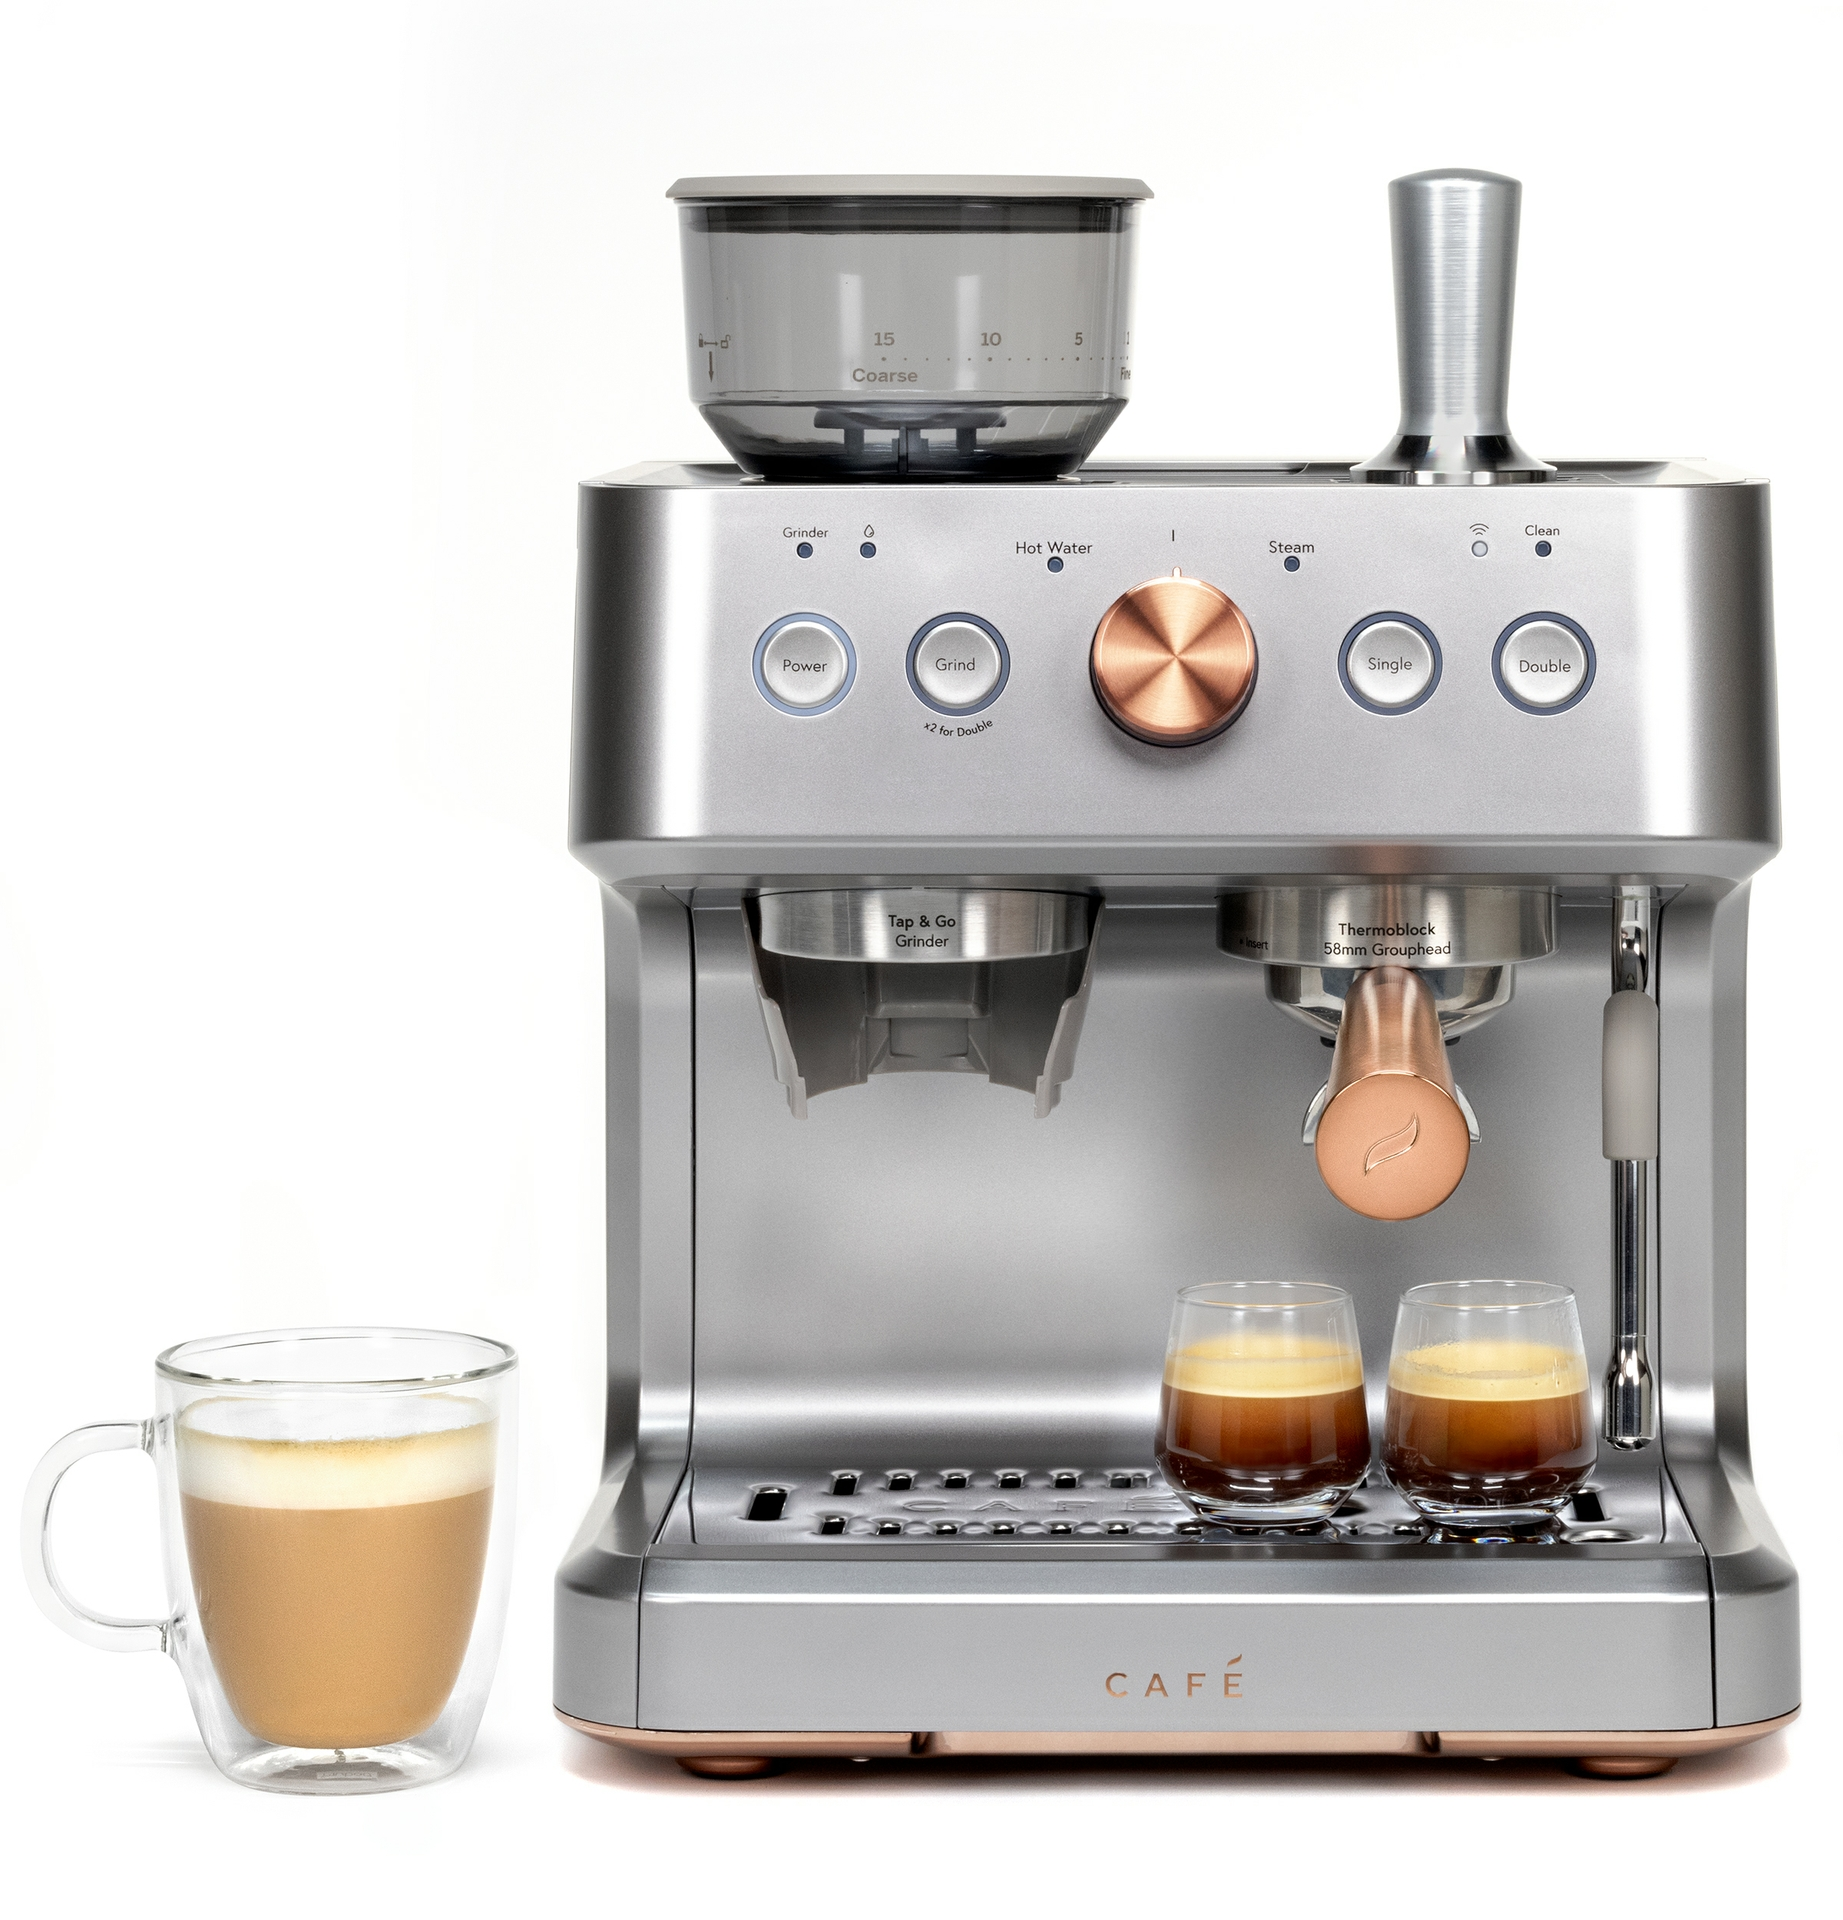 CAFÉ BELLISSIMO Espresso Maker in Steel Silver